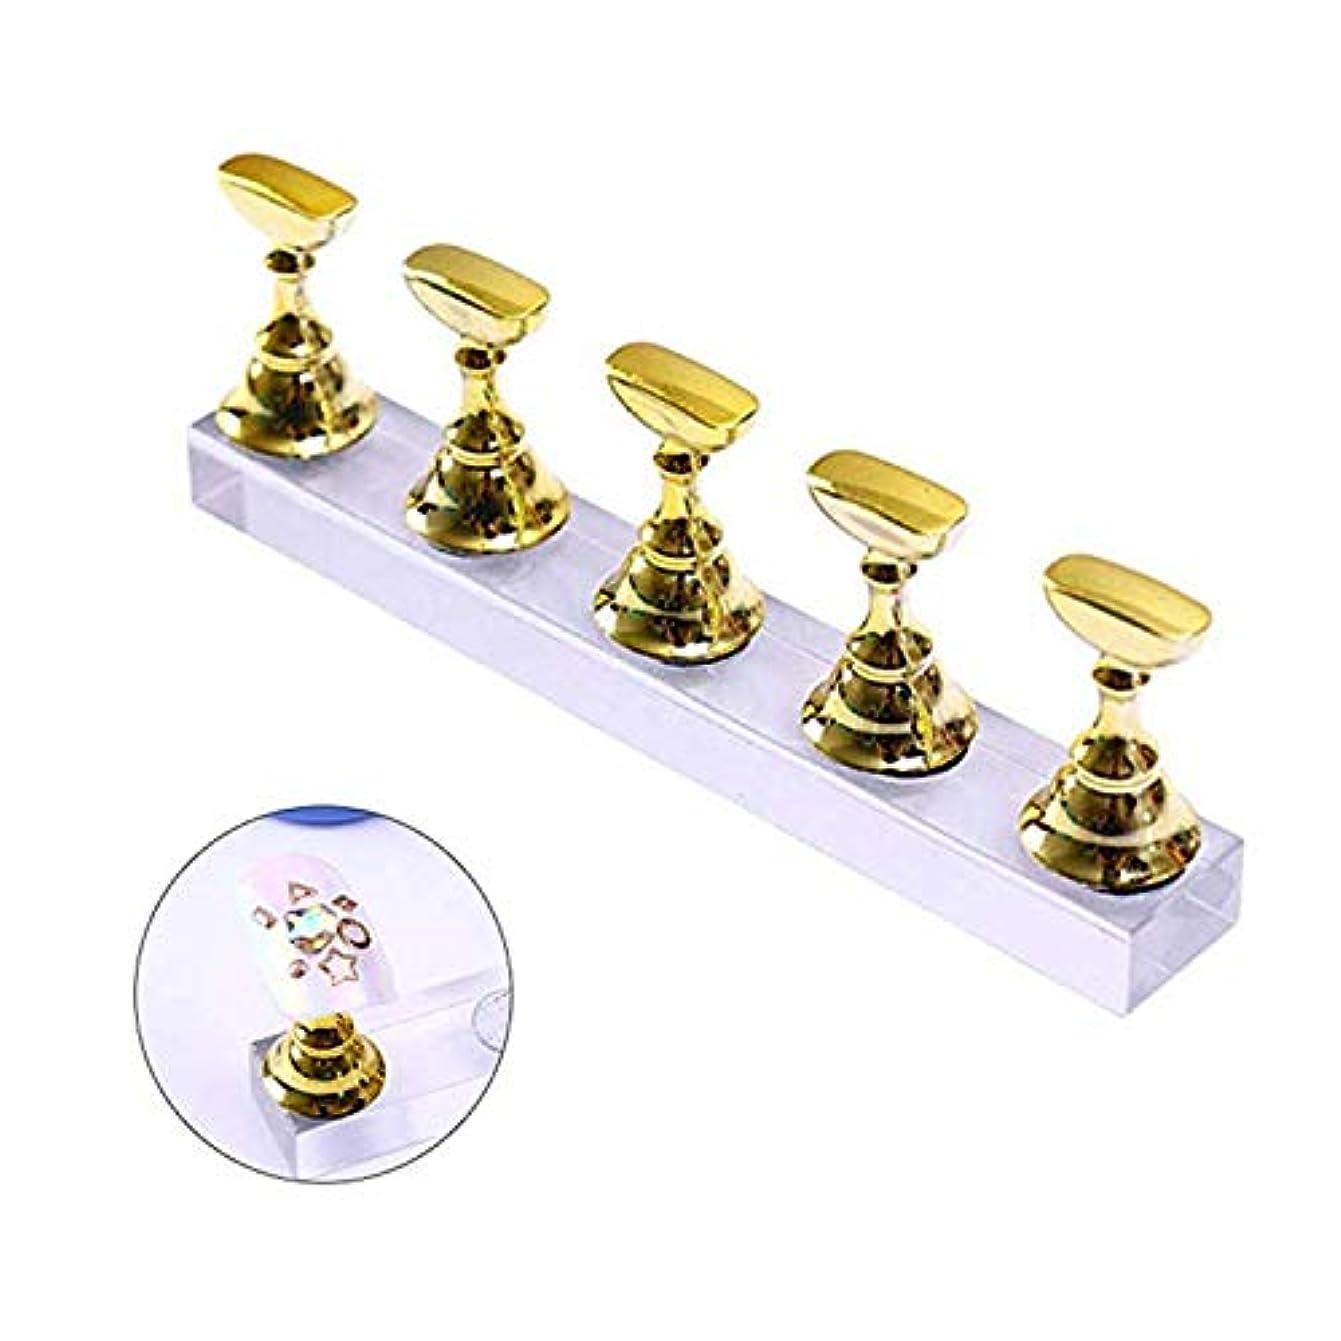 忌避剤救い件名磁気 アクリルマニキュア工具 ネイル練習 スタンド ハンドネイルエクササイズペデスタル ネイル用品 ネイルチップディスプレイスタンド セット (ゴールド)